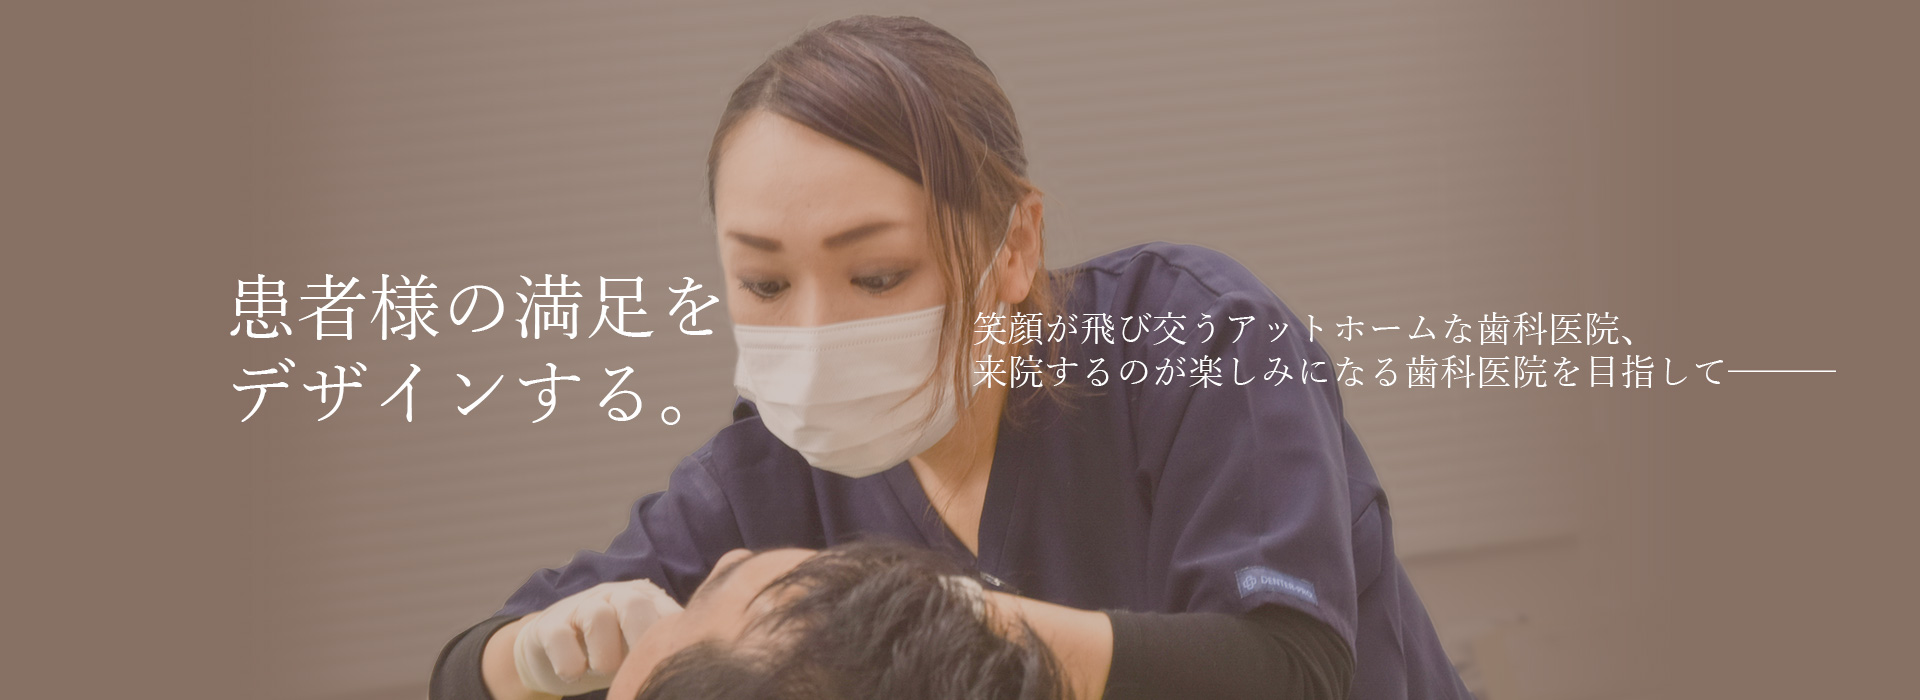 青森 五所川原で矯正・審美歯科のことなら「清藤歯科医院」